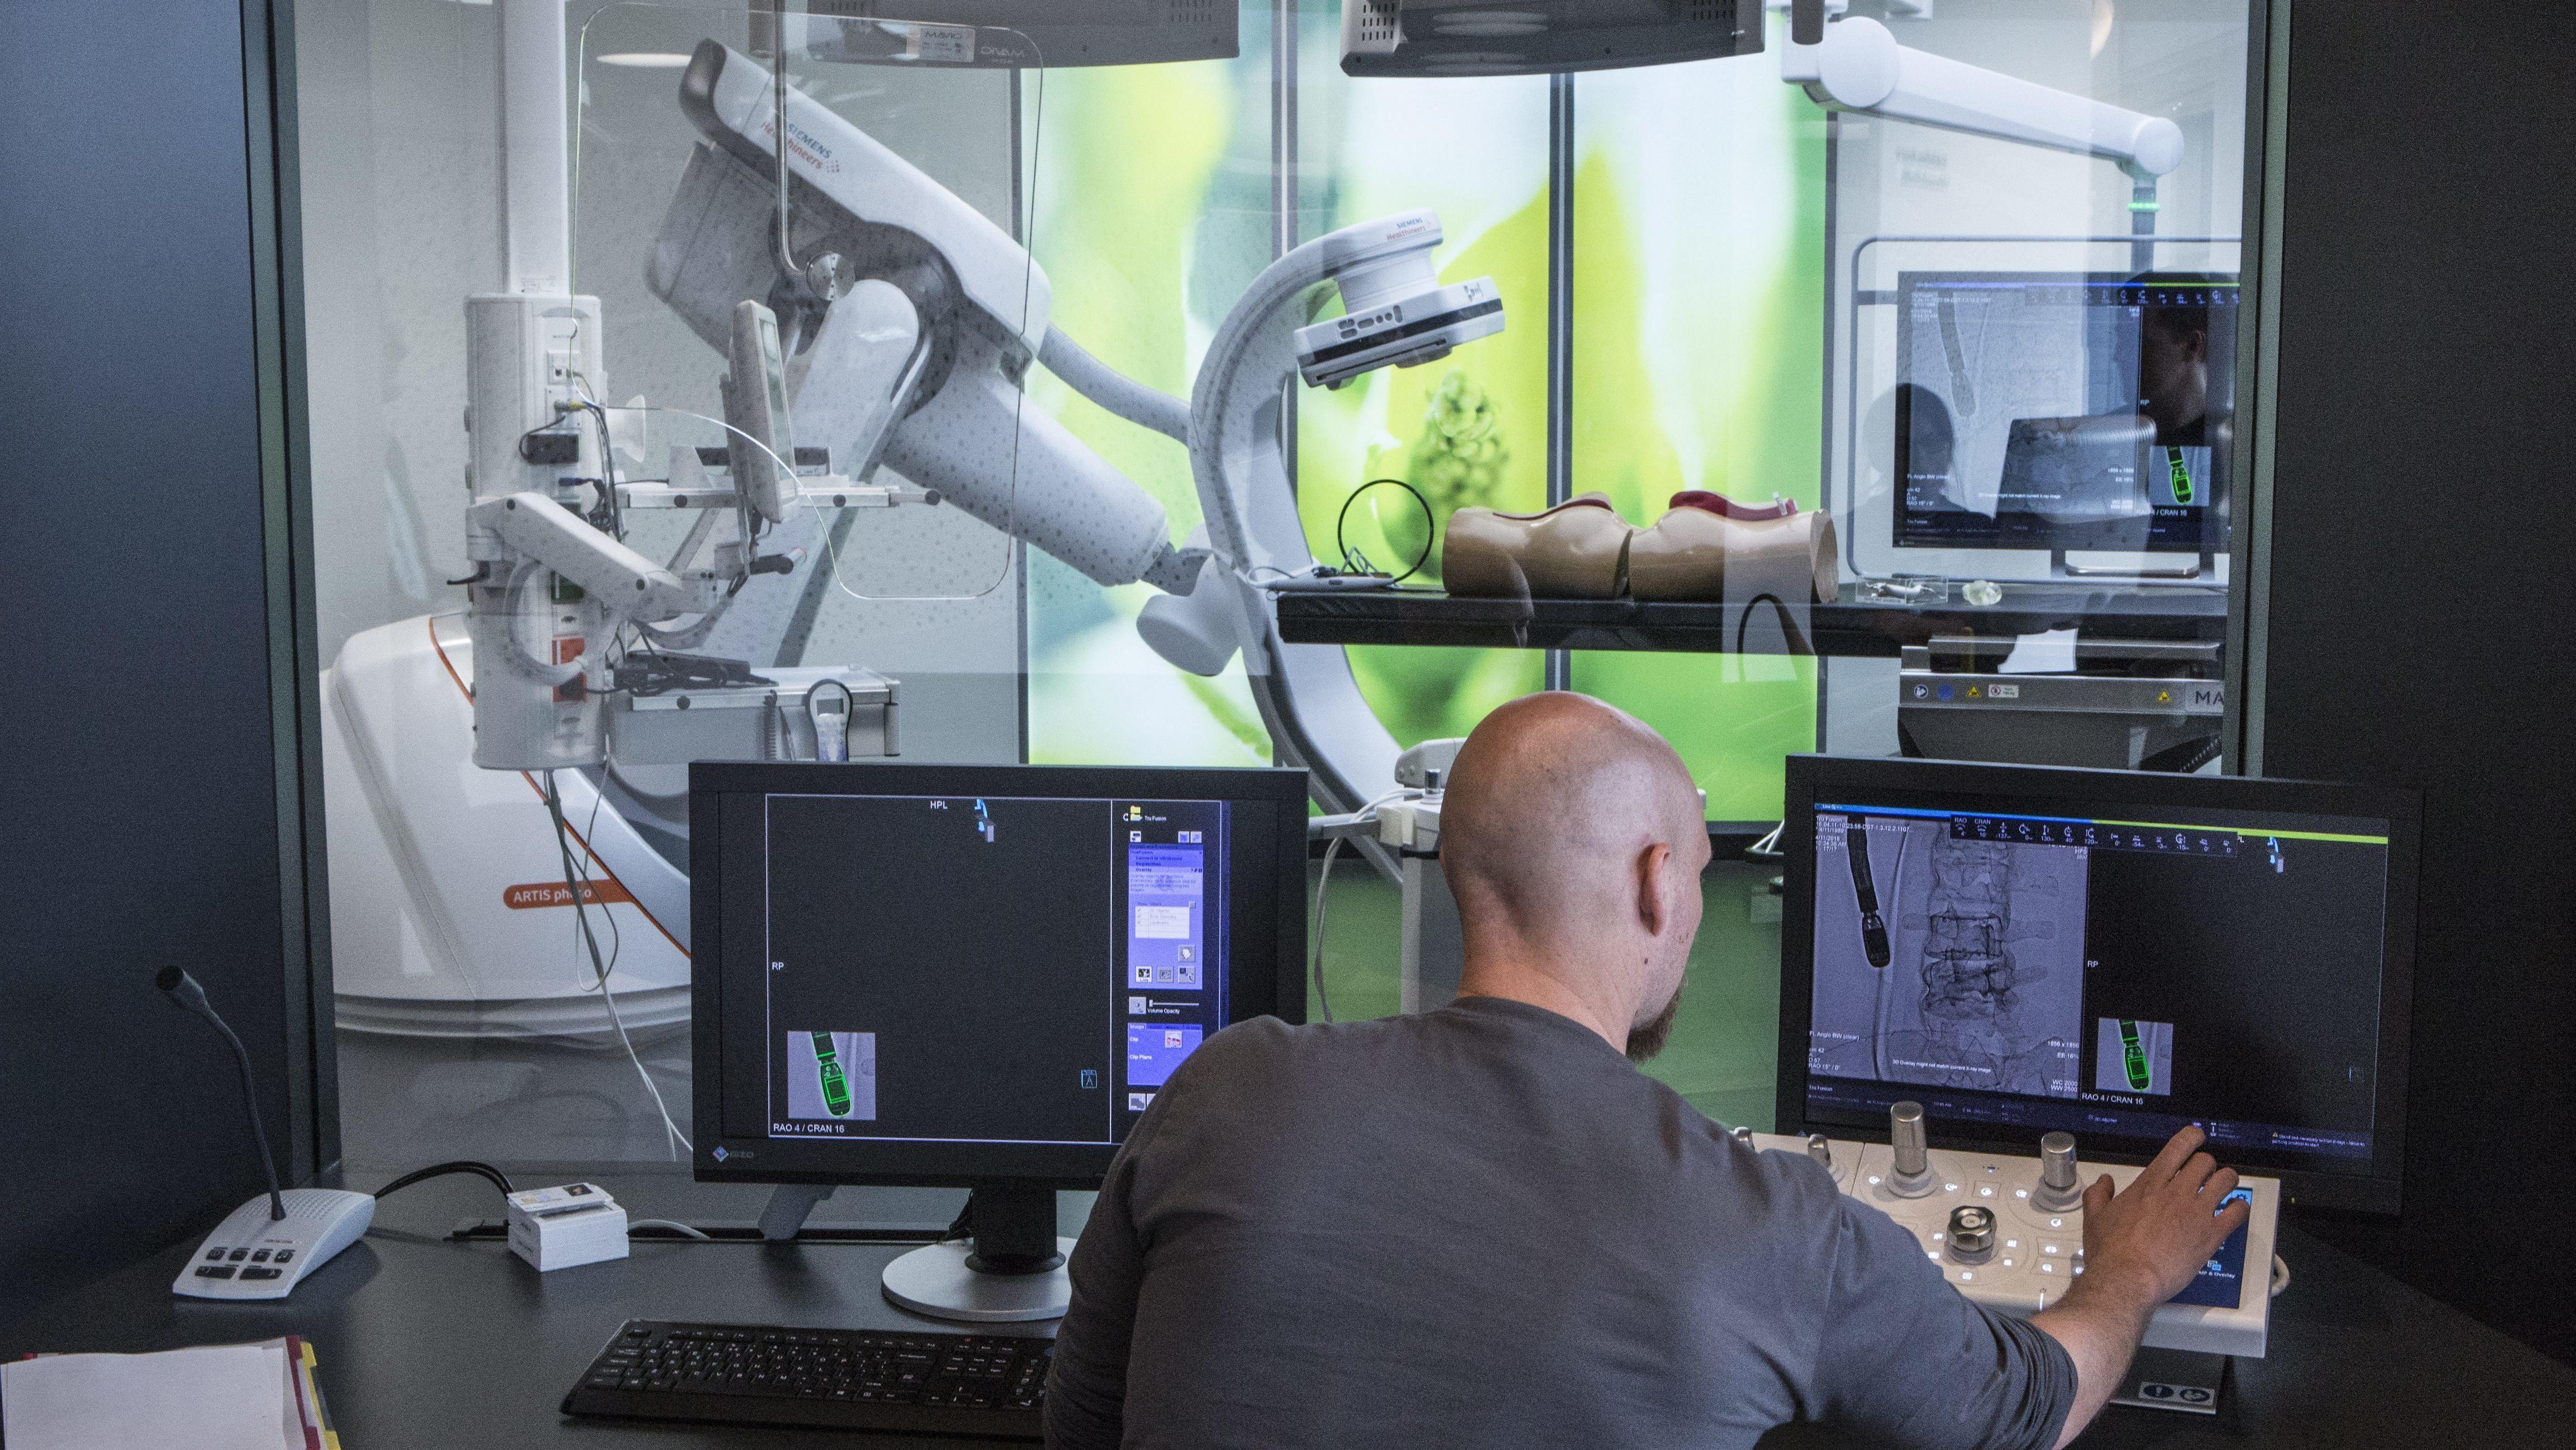 Mit Hilfe von Künstlicher Intelligenz soll die Arbeit von Radiologen effizienter werden